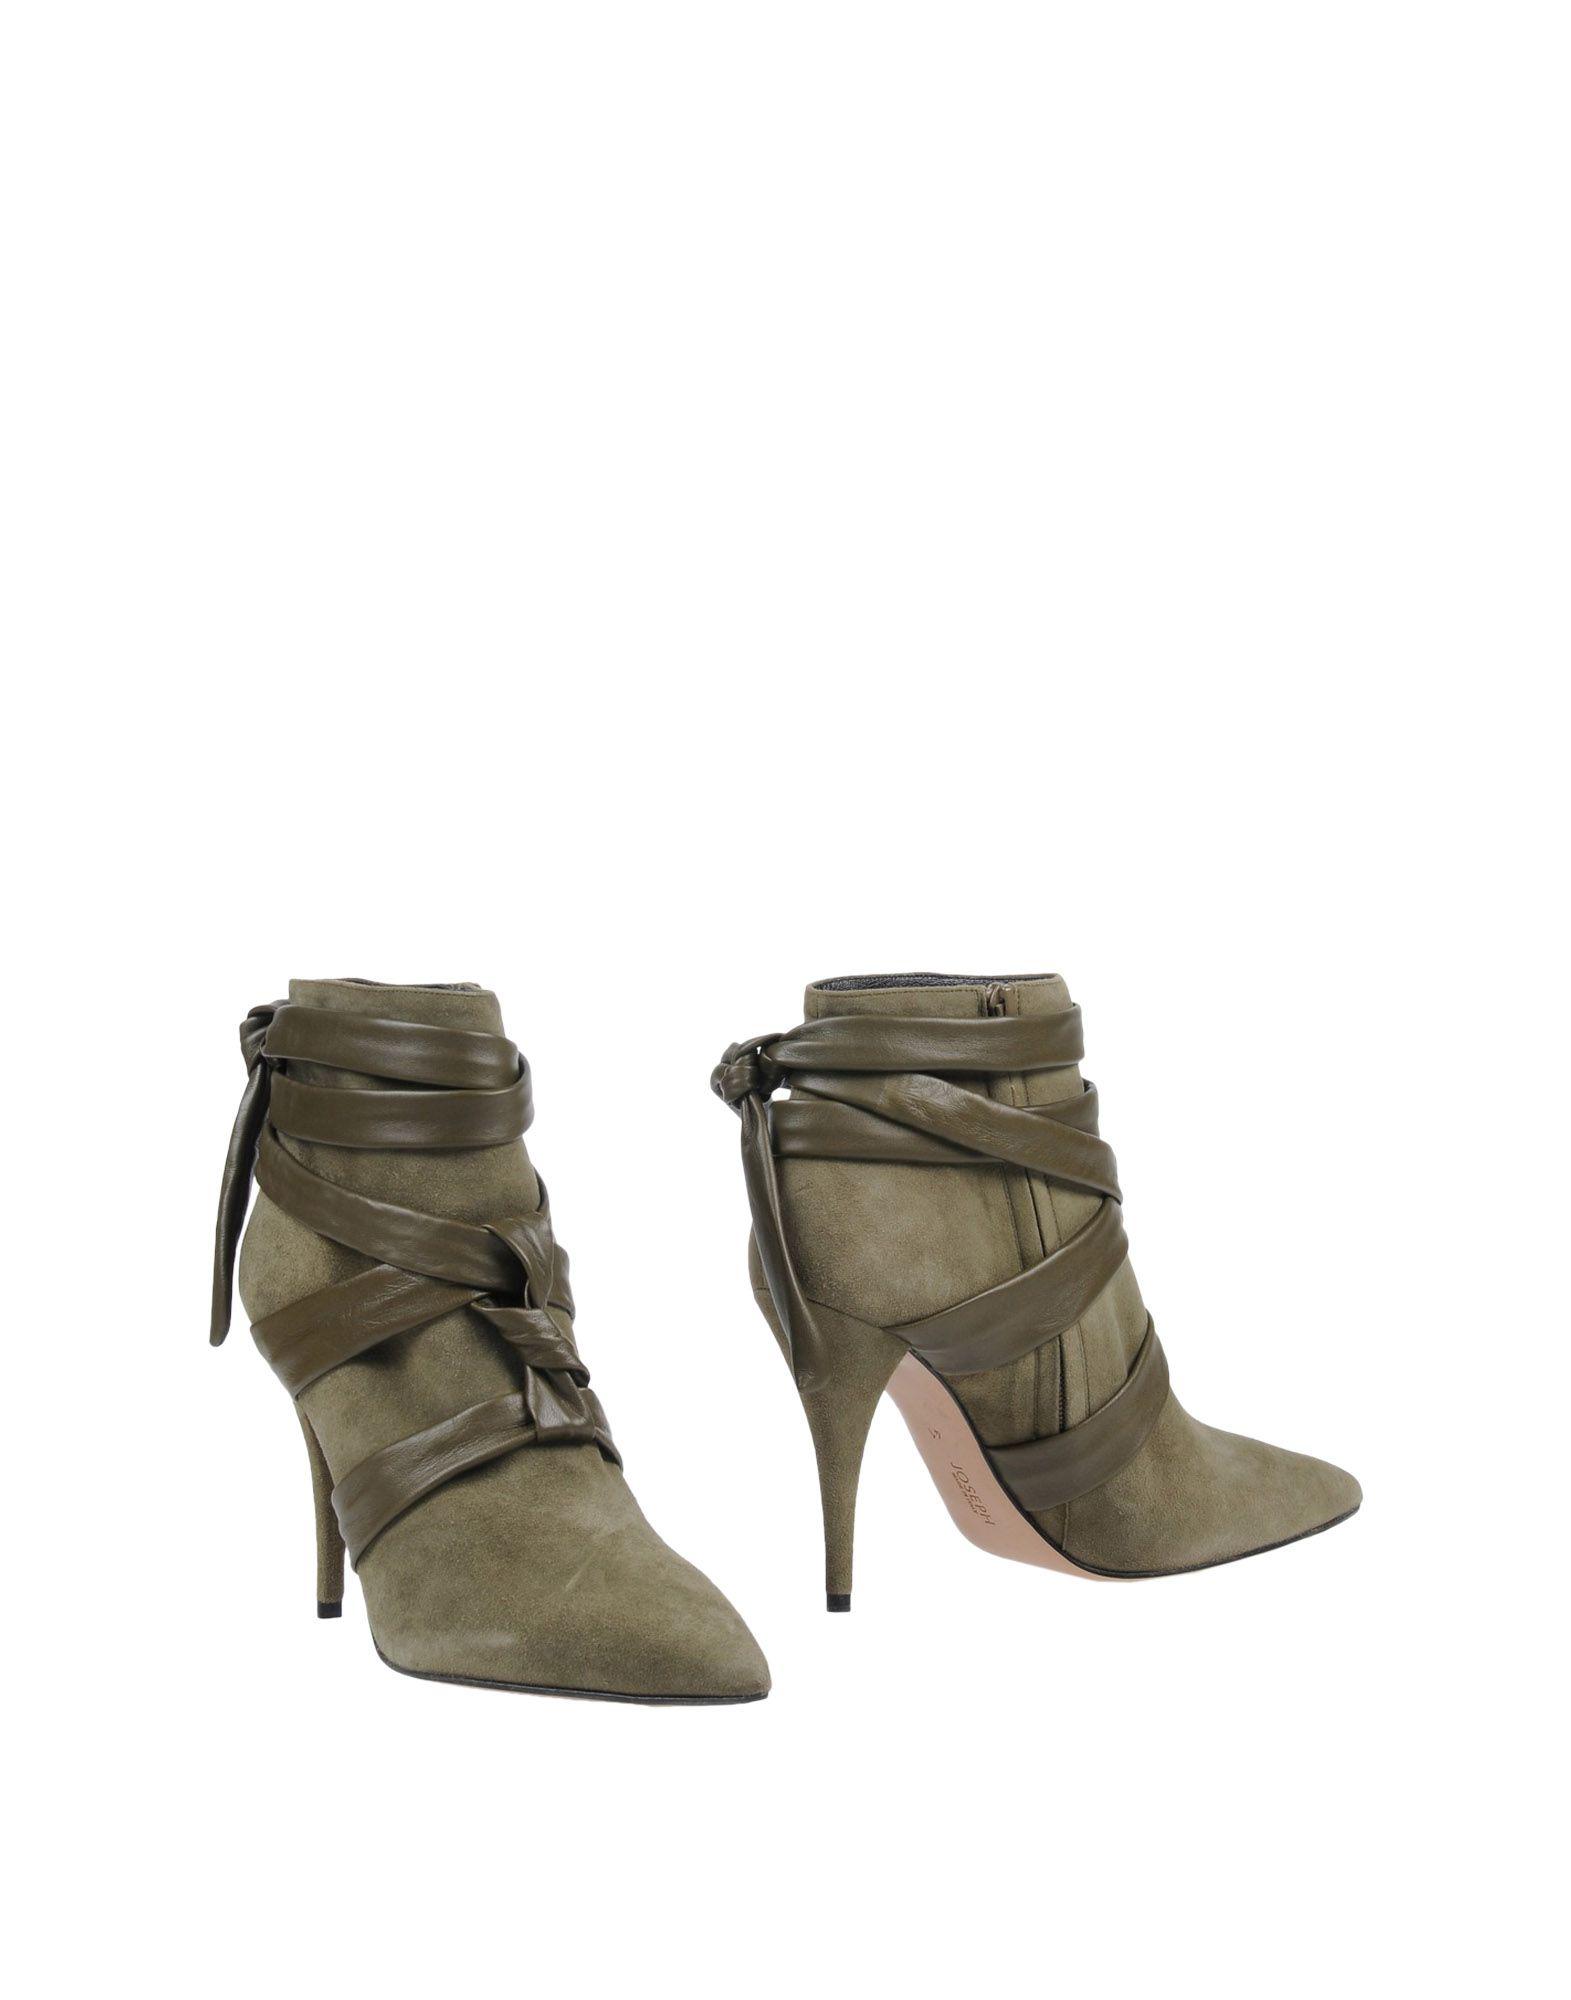 Joseph aussehende Stiefelette Damen  11437450JVGut aussehende Joseph strapazierfähige Schuhe f037ca